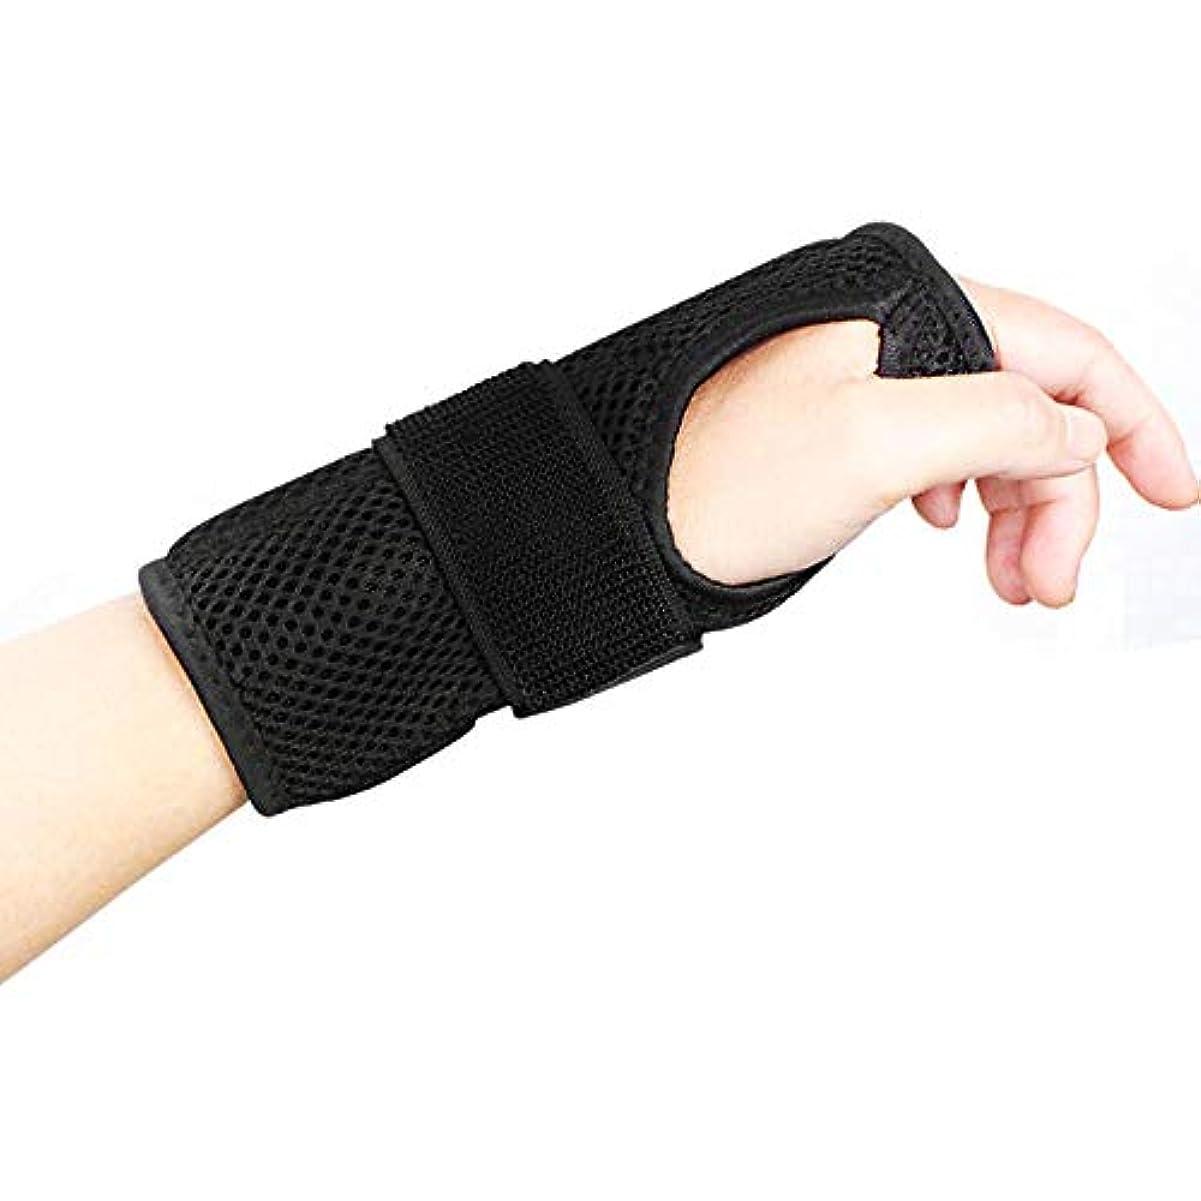 化粧盗難手段手首サポートブレーススプリントは、怪我、スポーツ、ジム、繰り返しの緊張などのために医学的に承認された調整可能な弾性ブレースです デザイン,Righthand,M